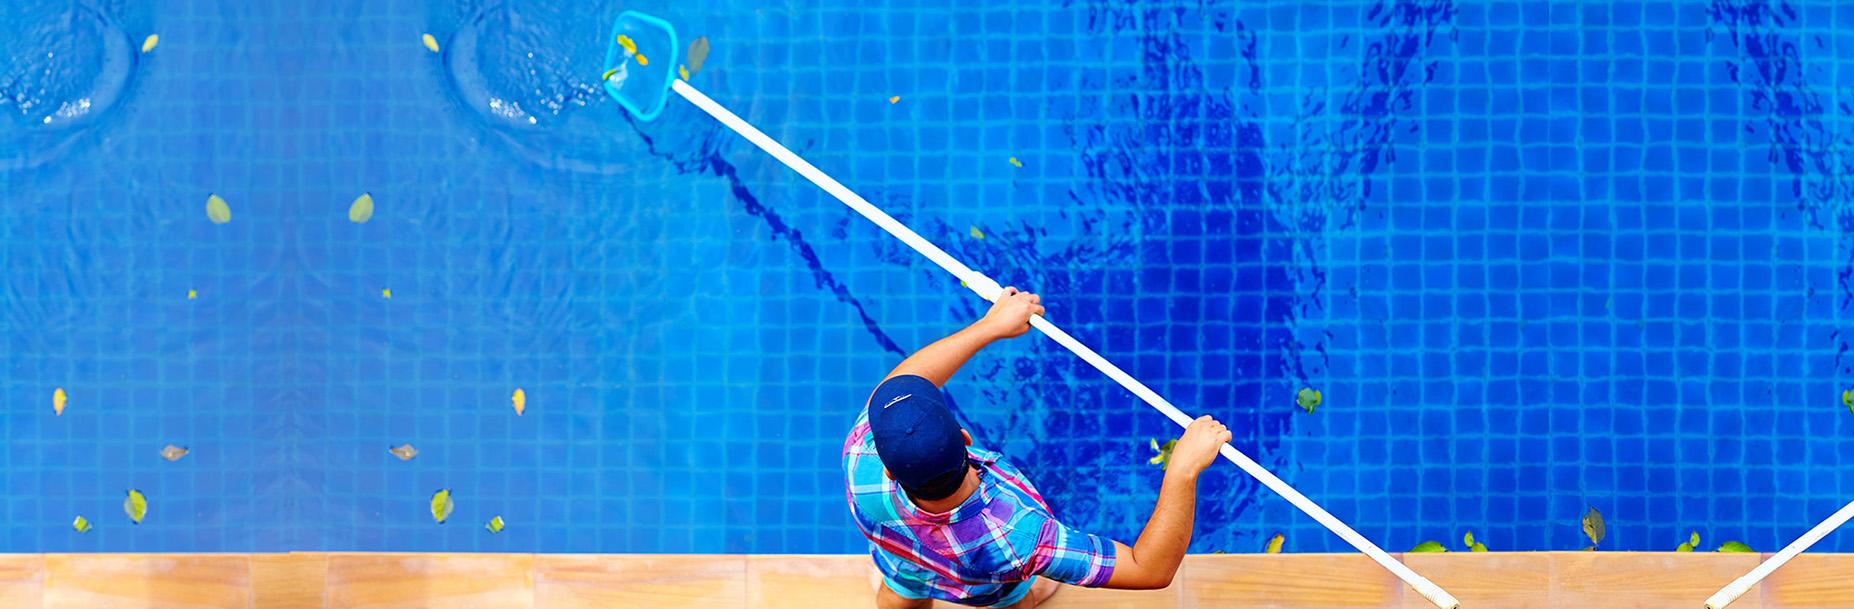 manutenzione-piscine-banner